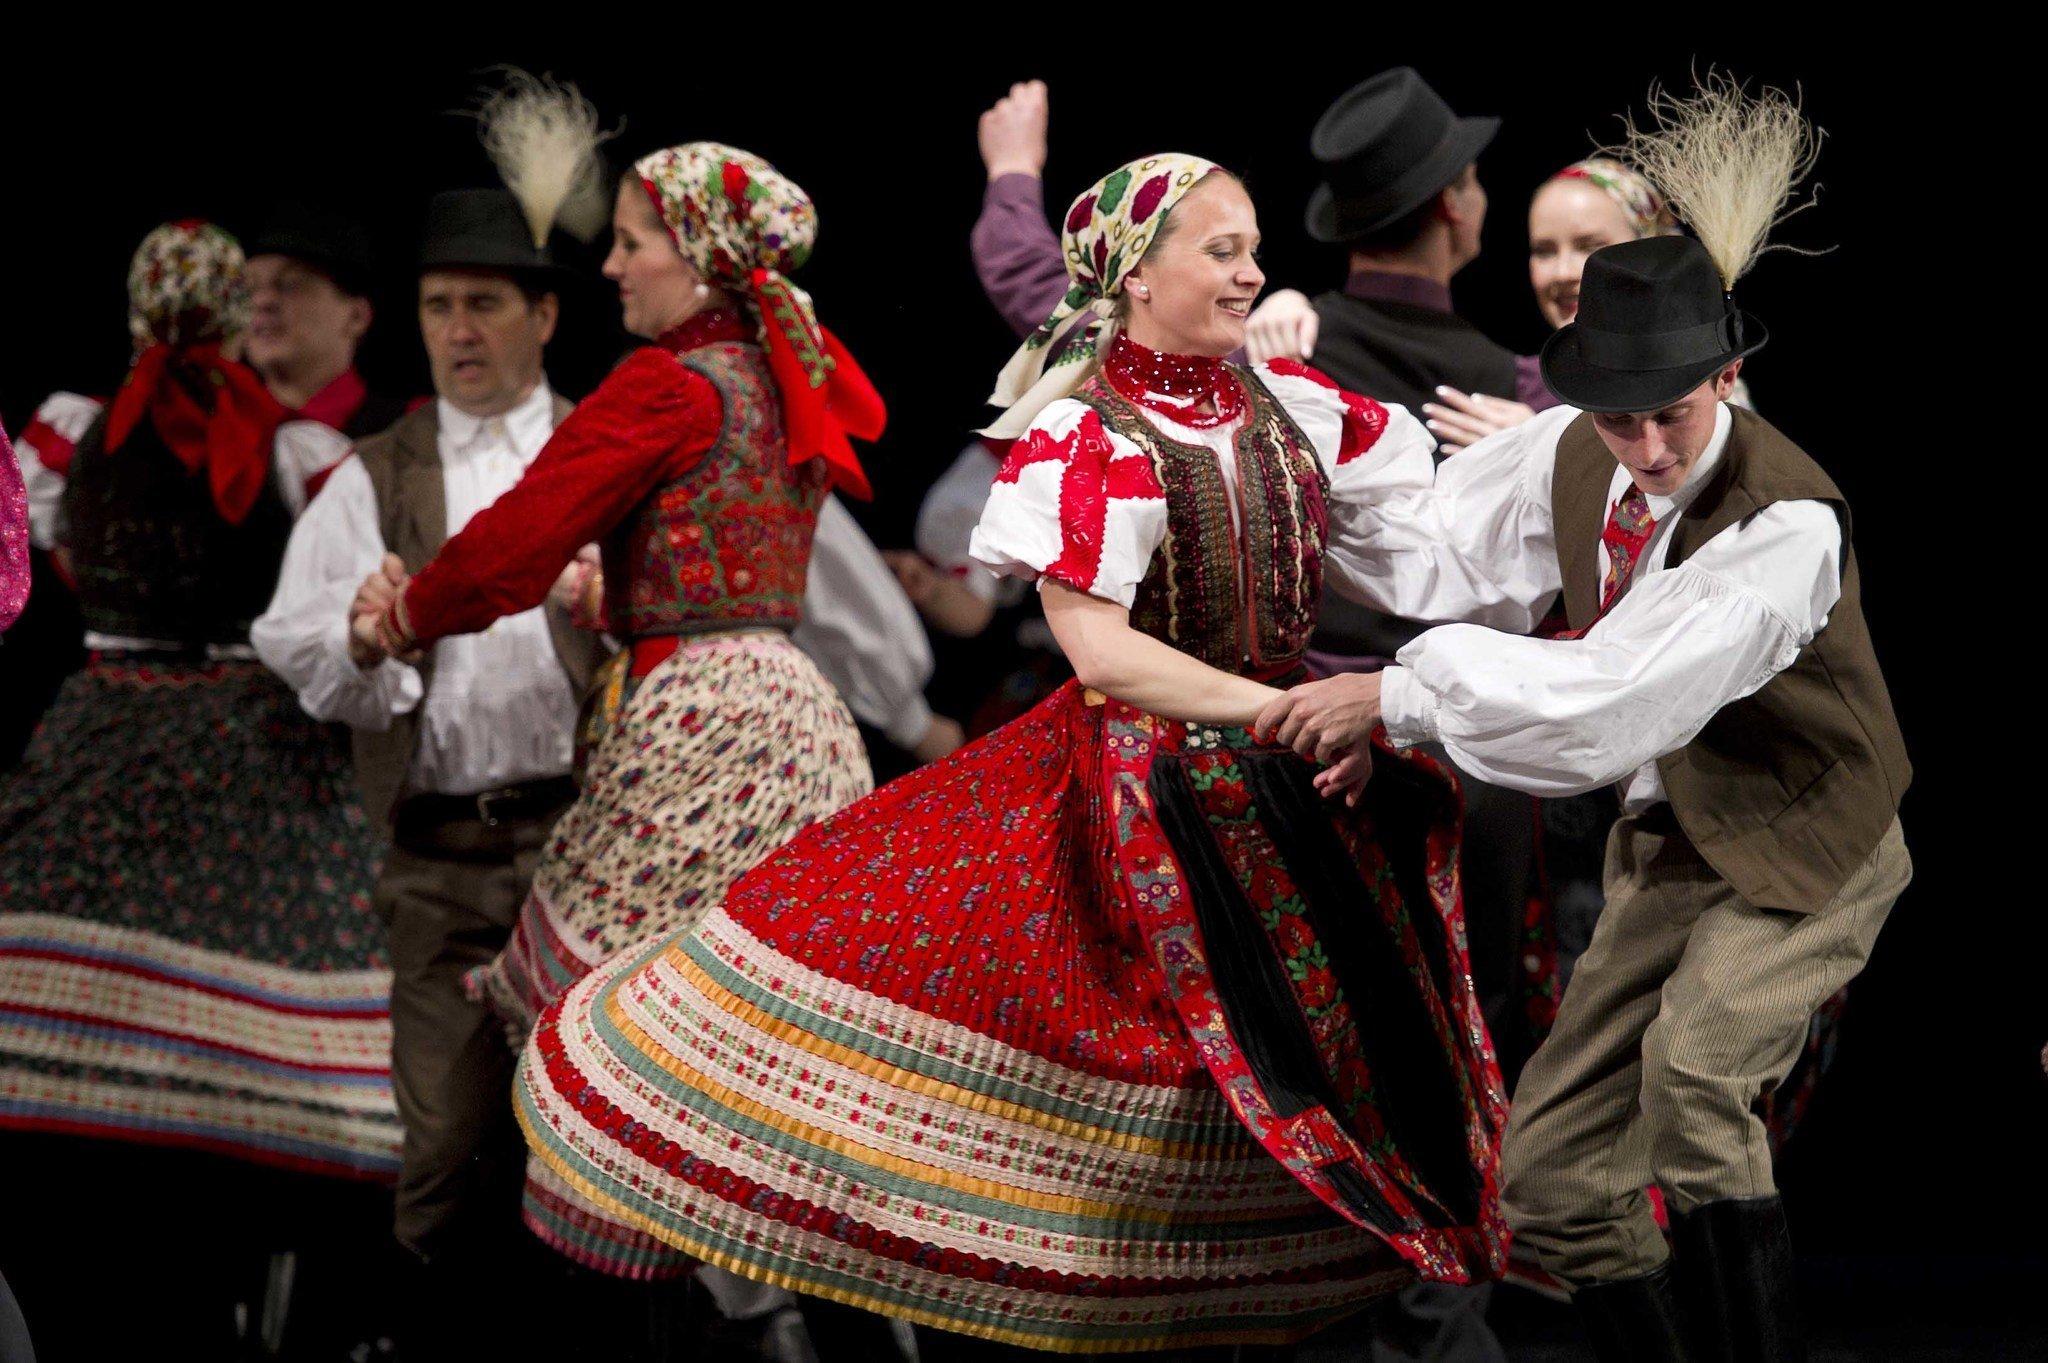 'Fölszállott a páva' – Folk Music And Dance TV Show starts on March 8th